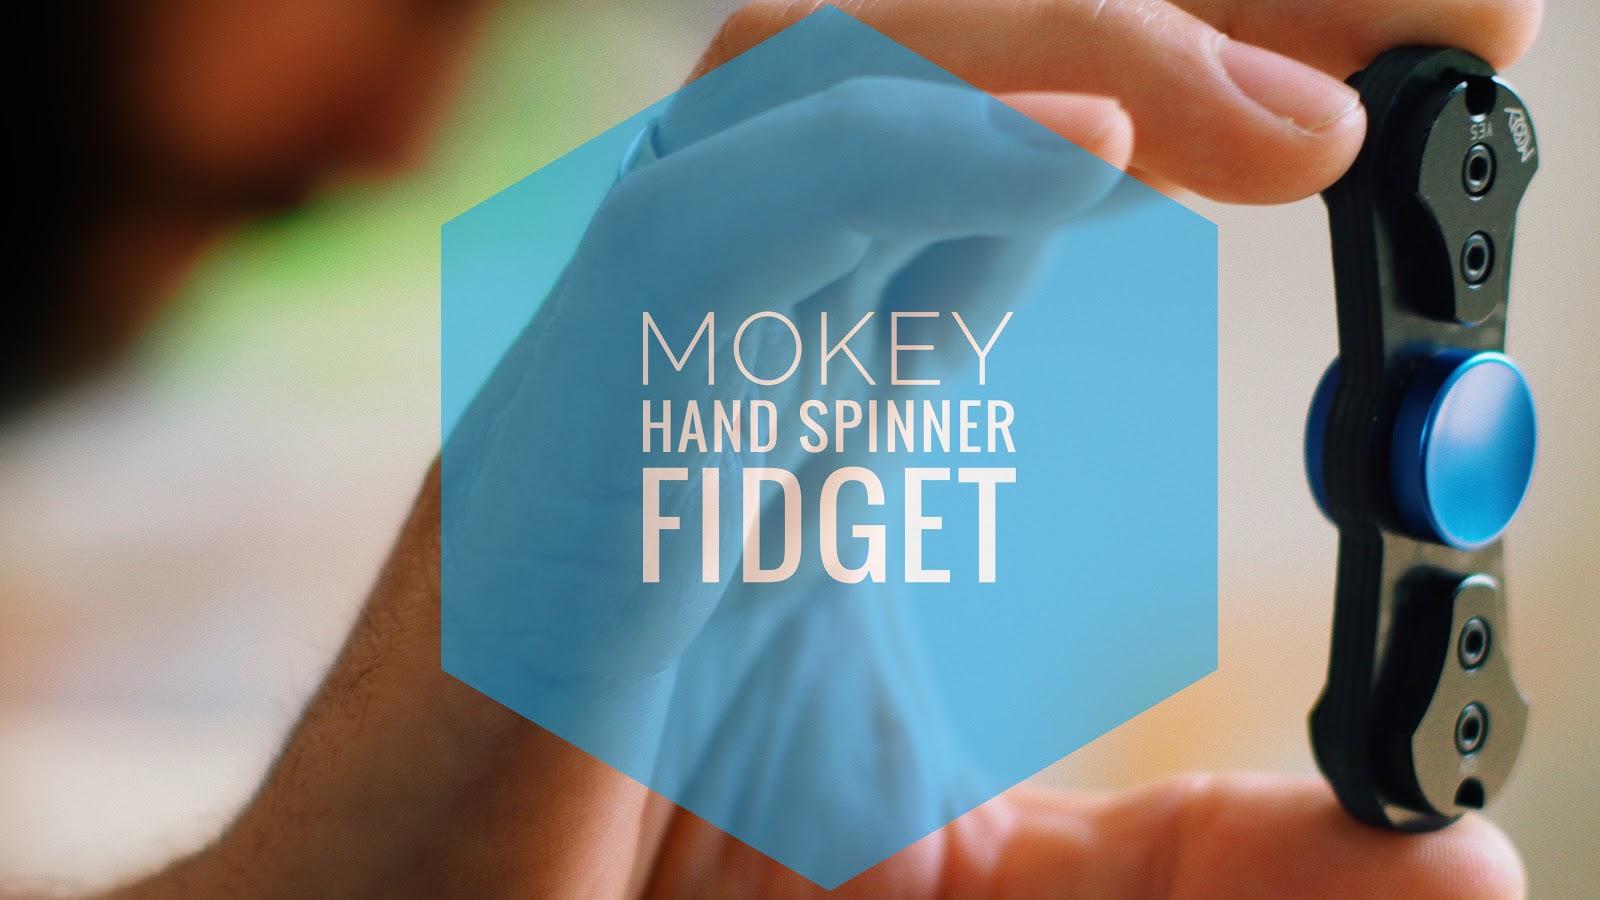 Fidget von Mokey in der Hand ein Logo in der Mitte und ein Kopf in der Unschärfe auf der linken Seite